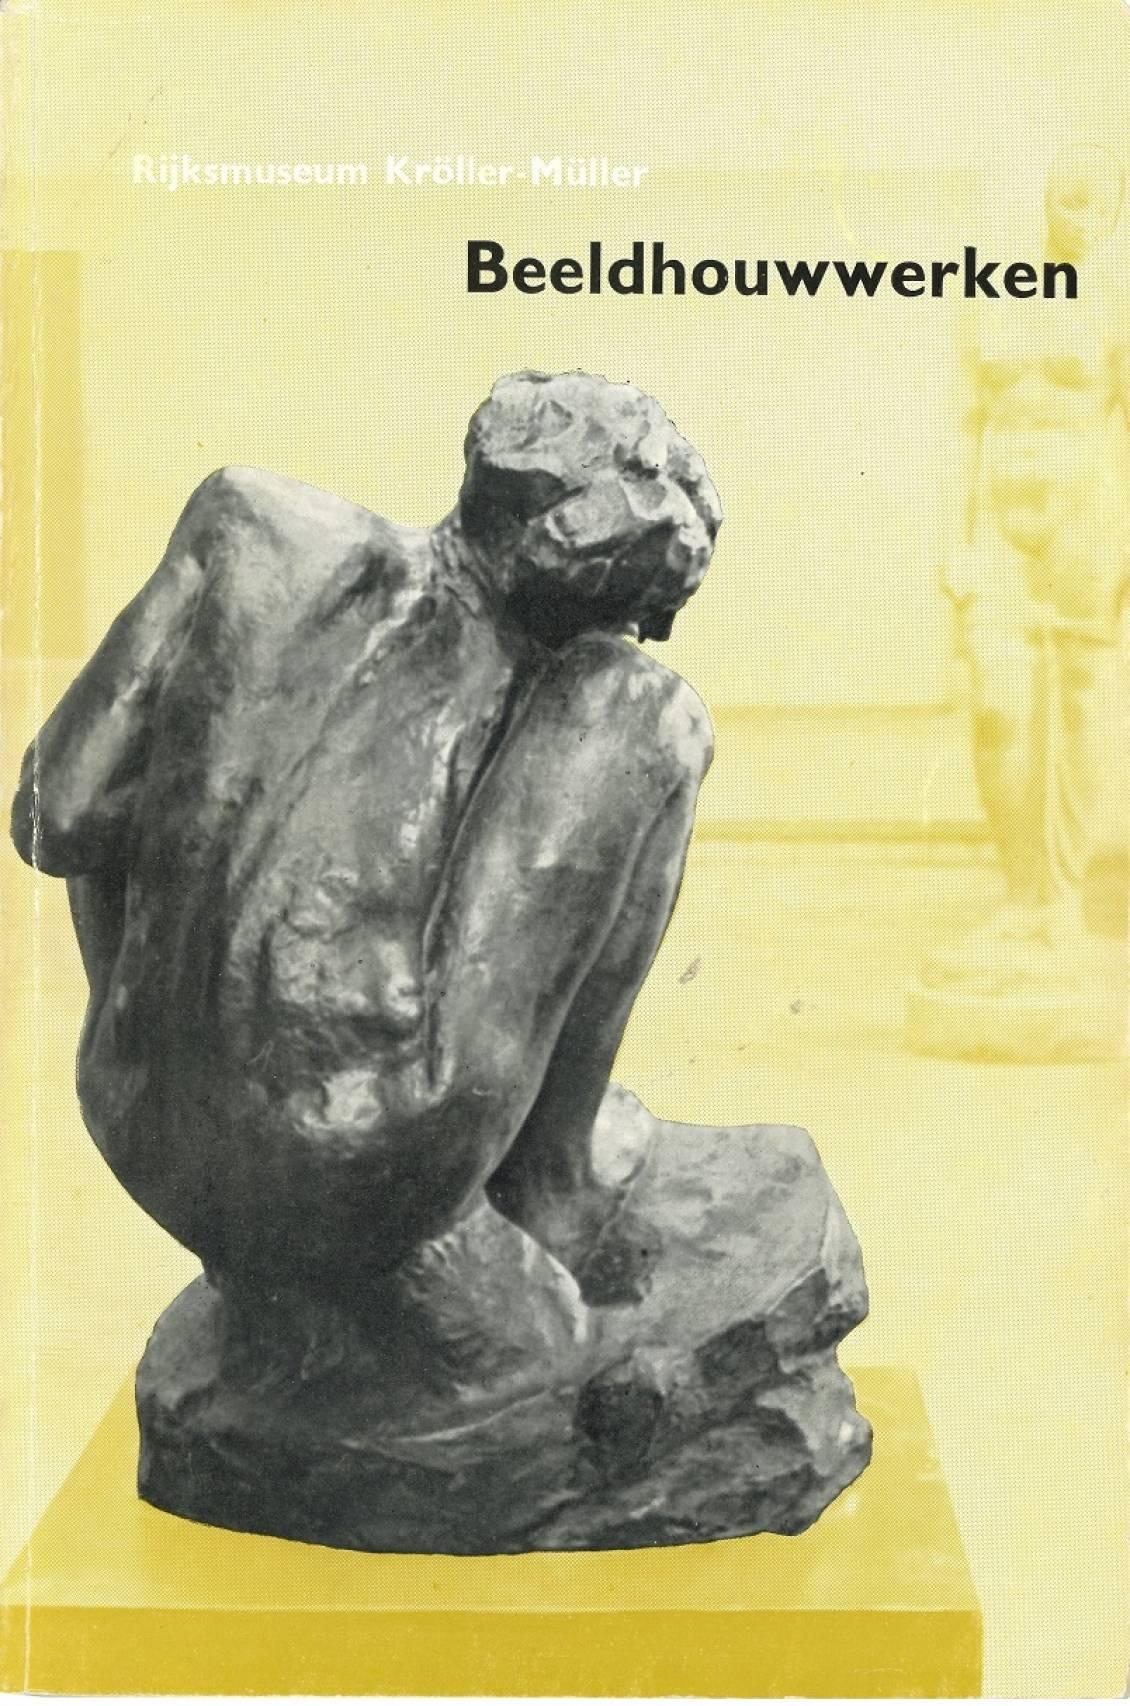 Catalogus verzameling Rijksmuseum Kröller-Müller: Beeldhouwwerken, 1952